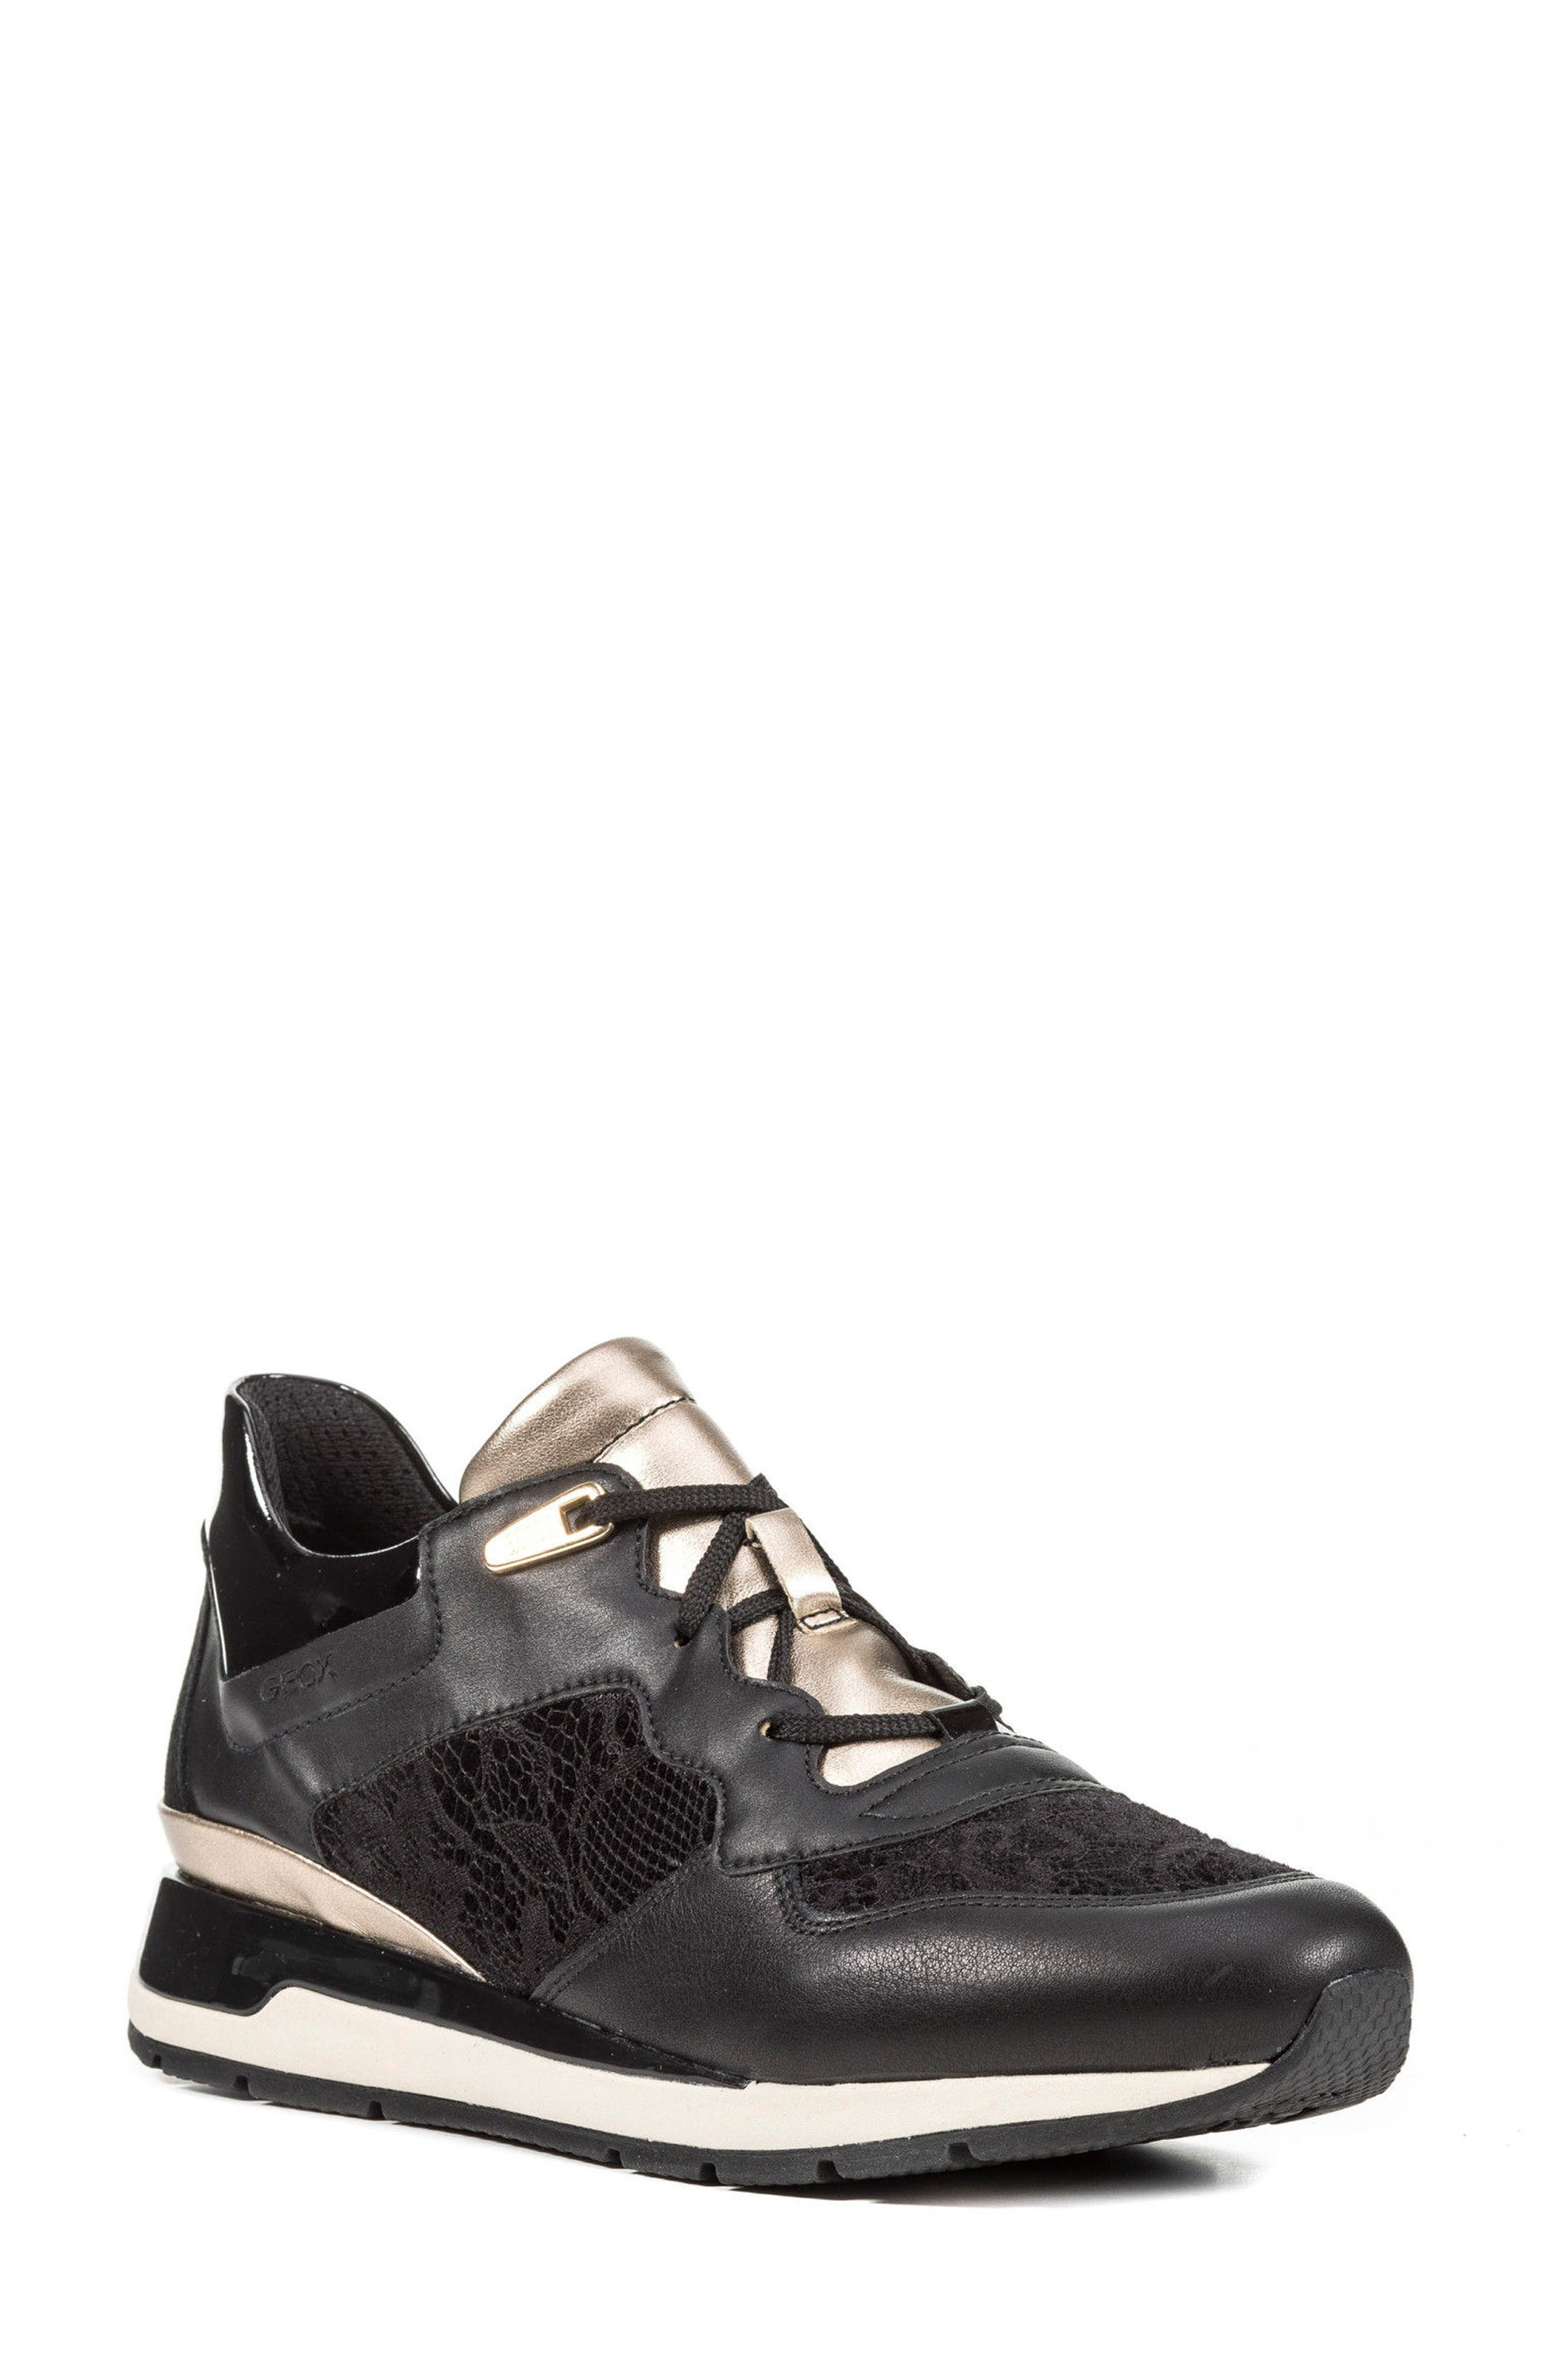 Geox Shahira Sneaker (Women)